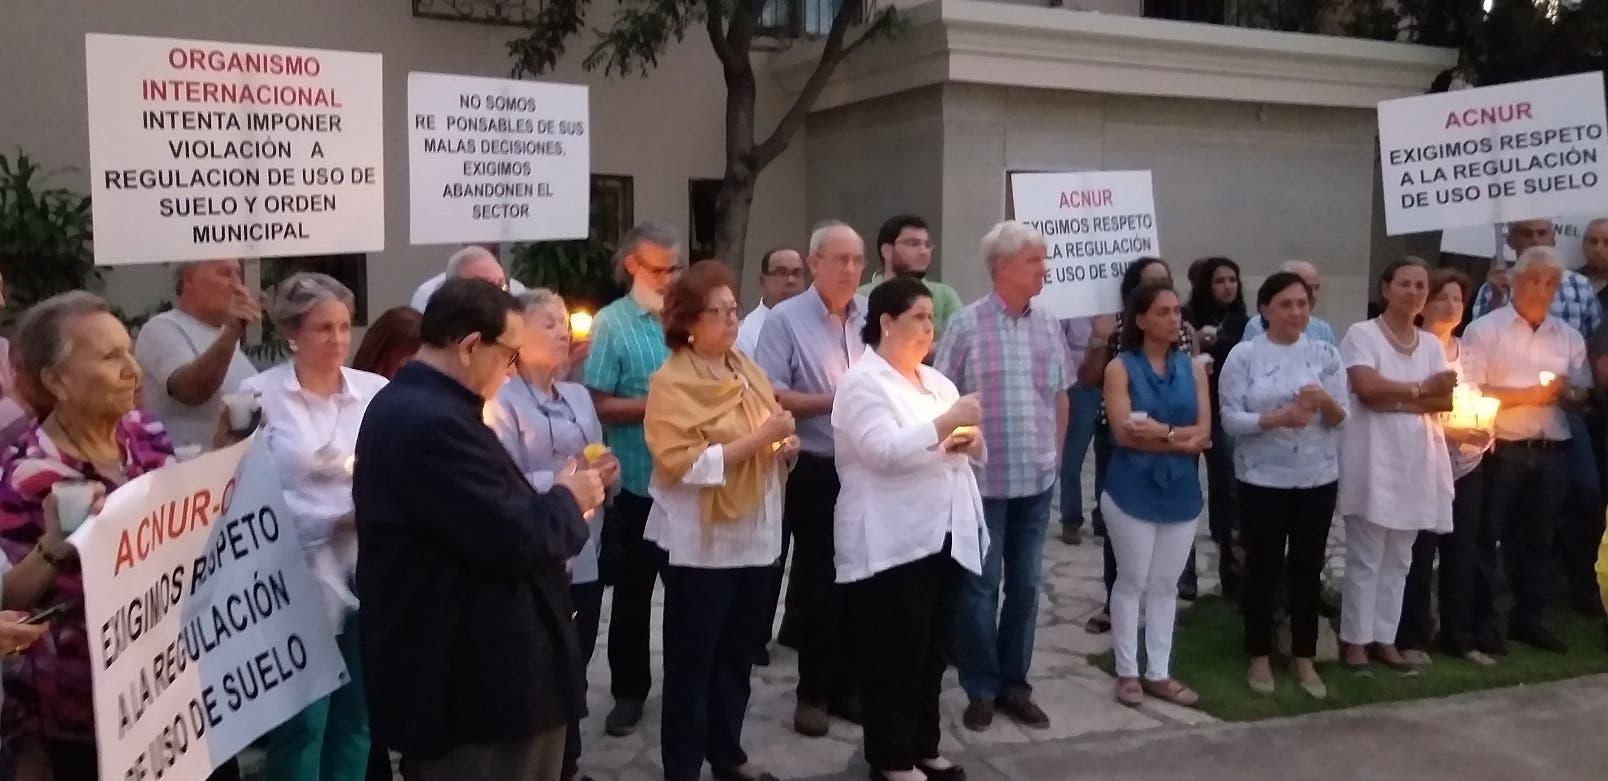 Junta de Vecinos de Bella Vista se oponen a instalación de  ACNUR en sector